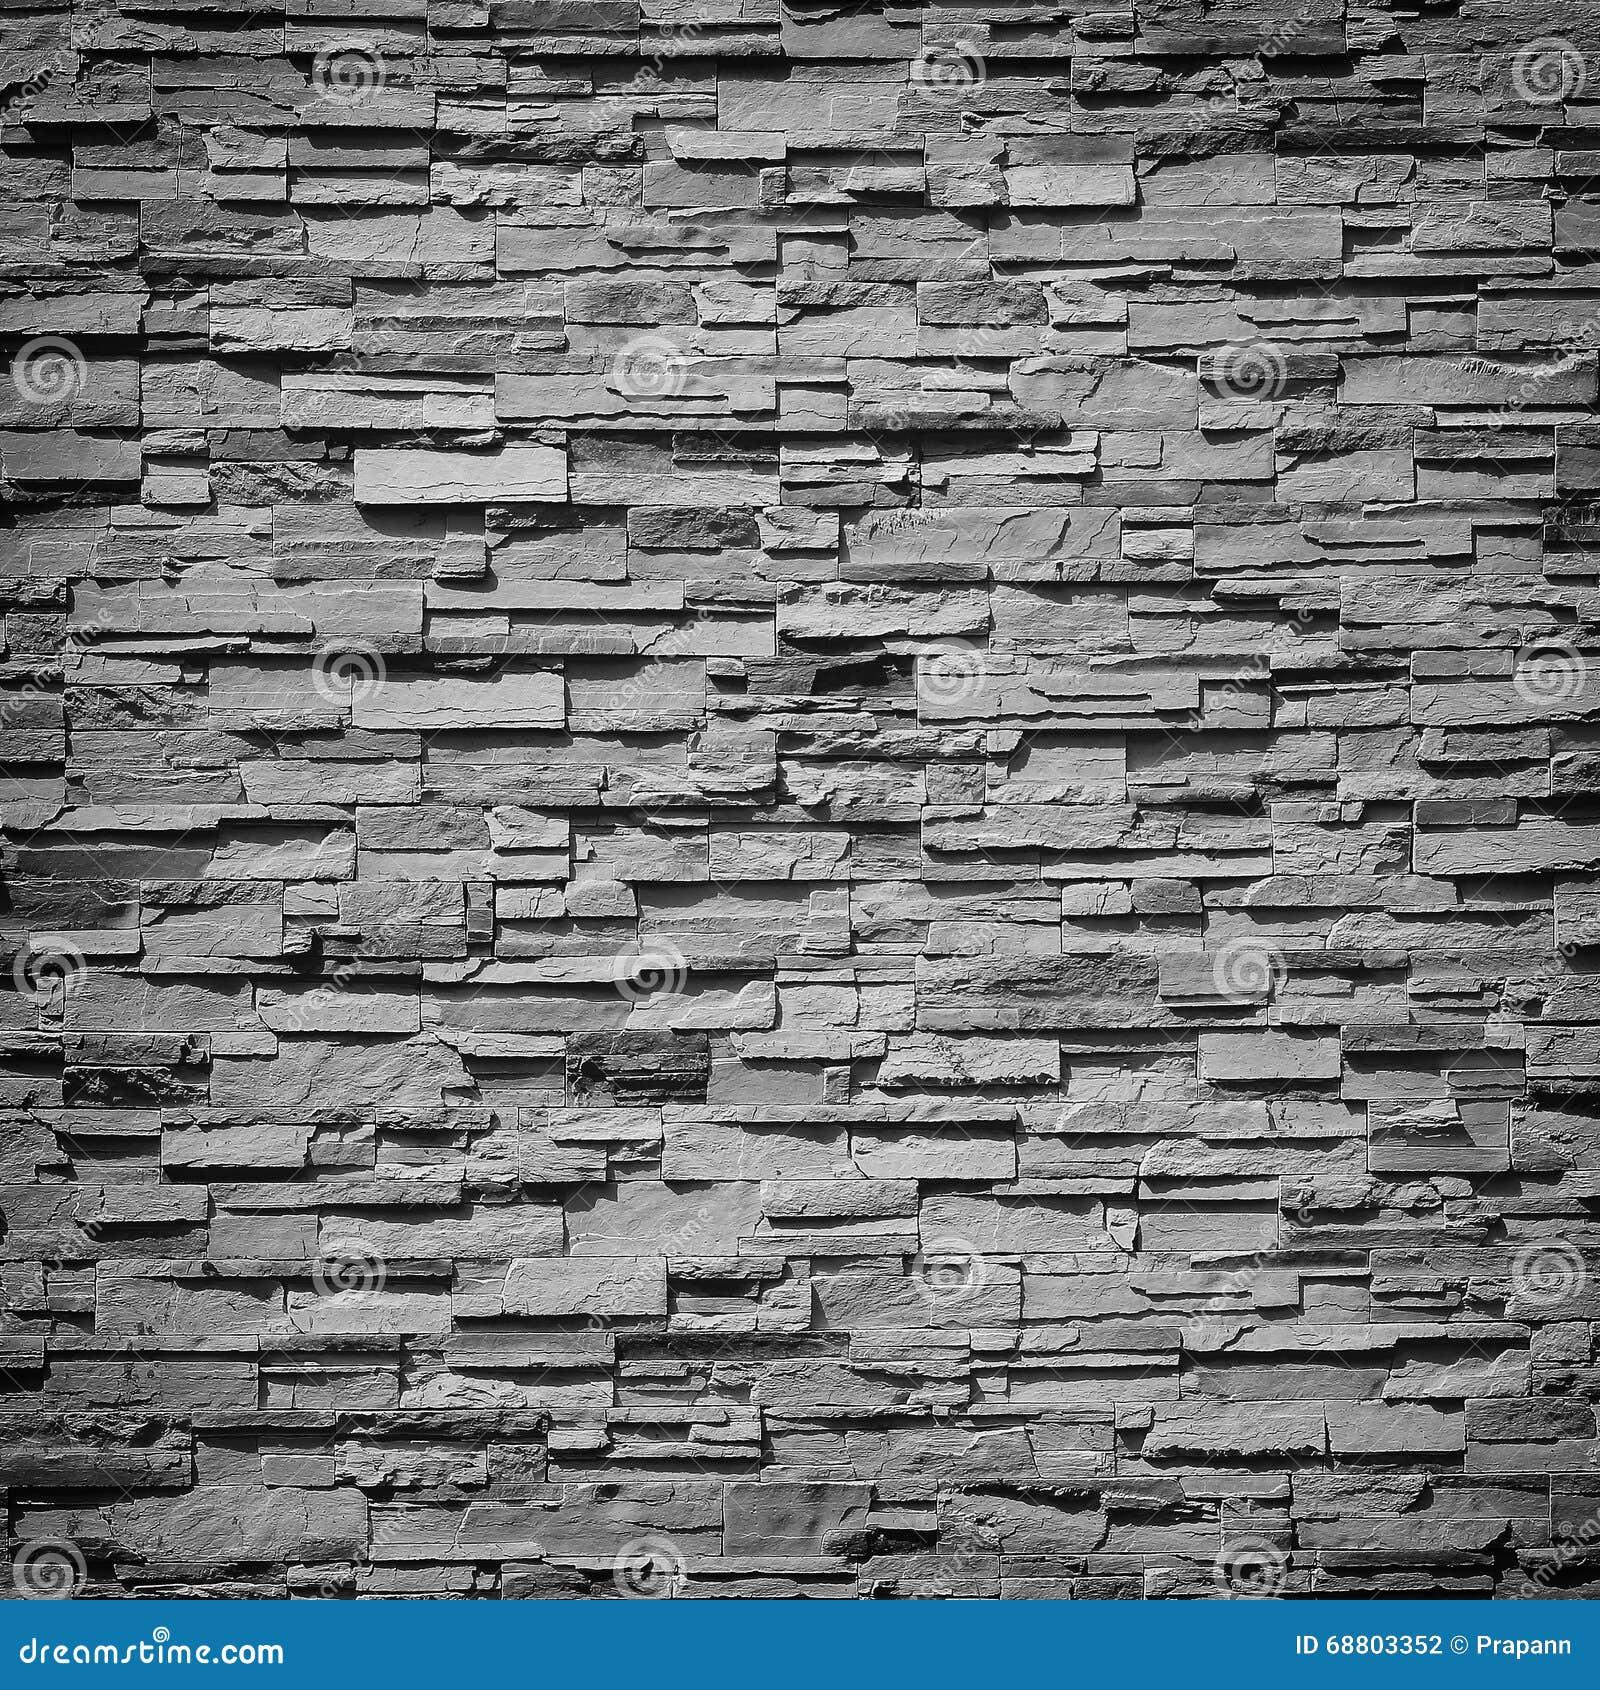 Piedra decorativa santorini decopanel para chimeneas - Piedra decorativa para paredes ...